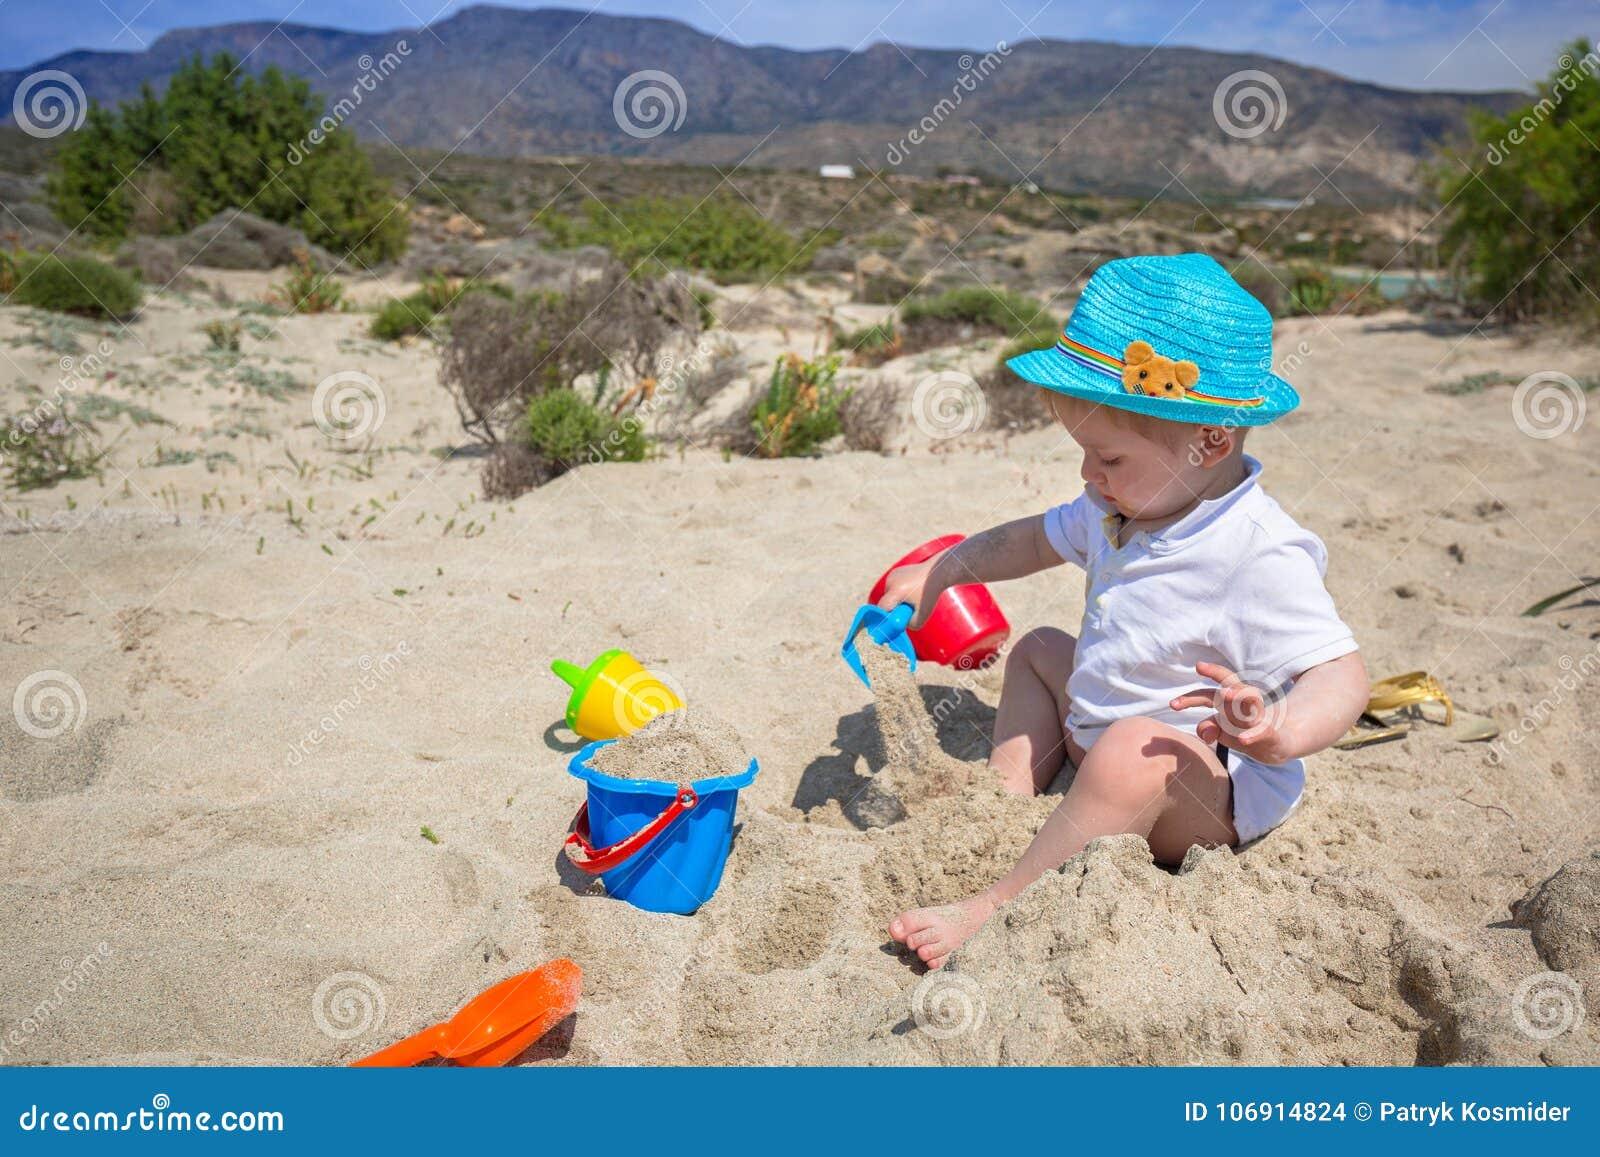 Chłopiec bawić się w piasku na wakacjach